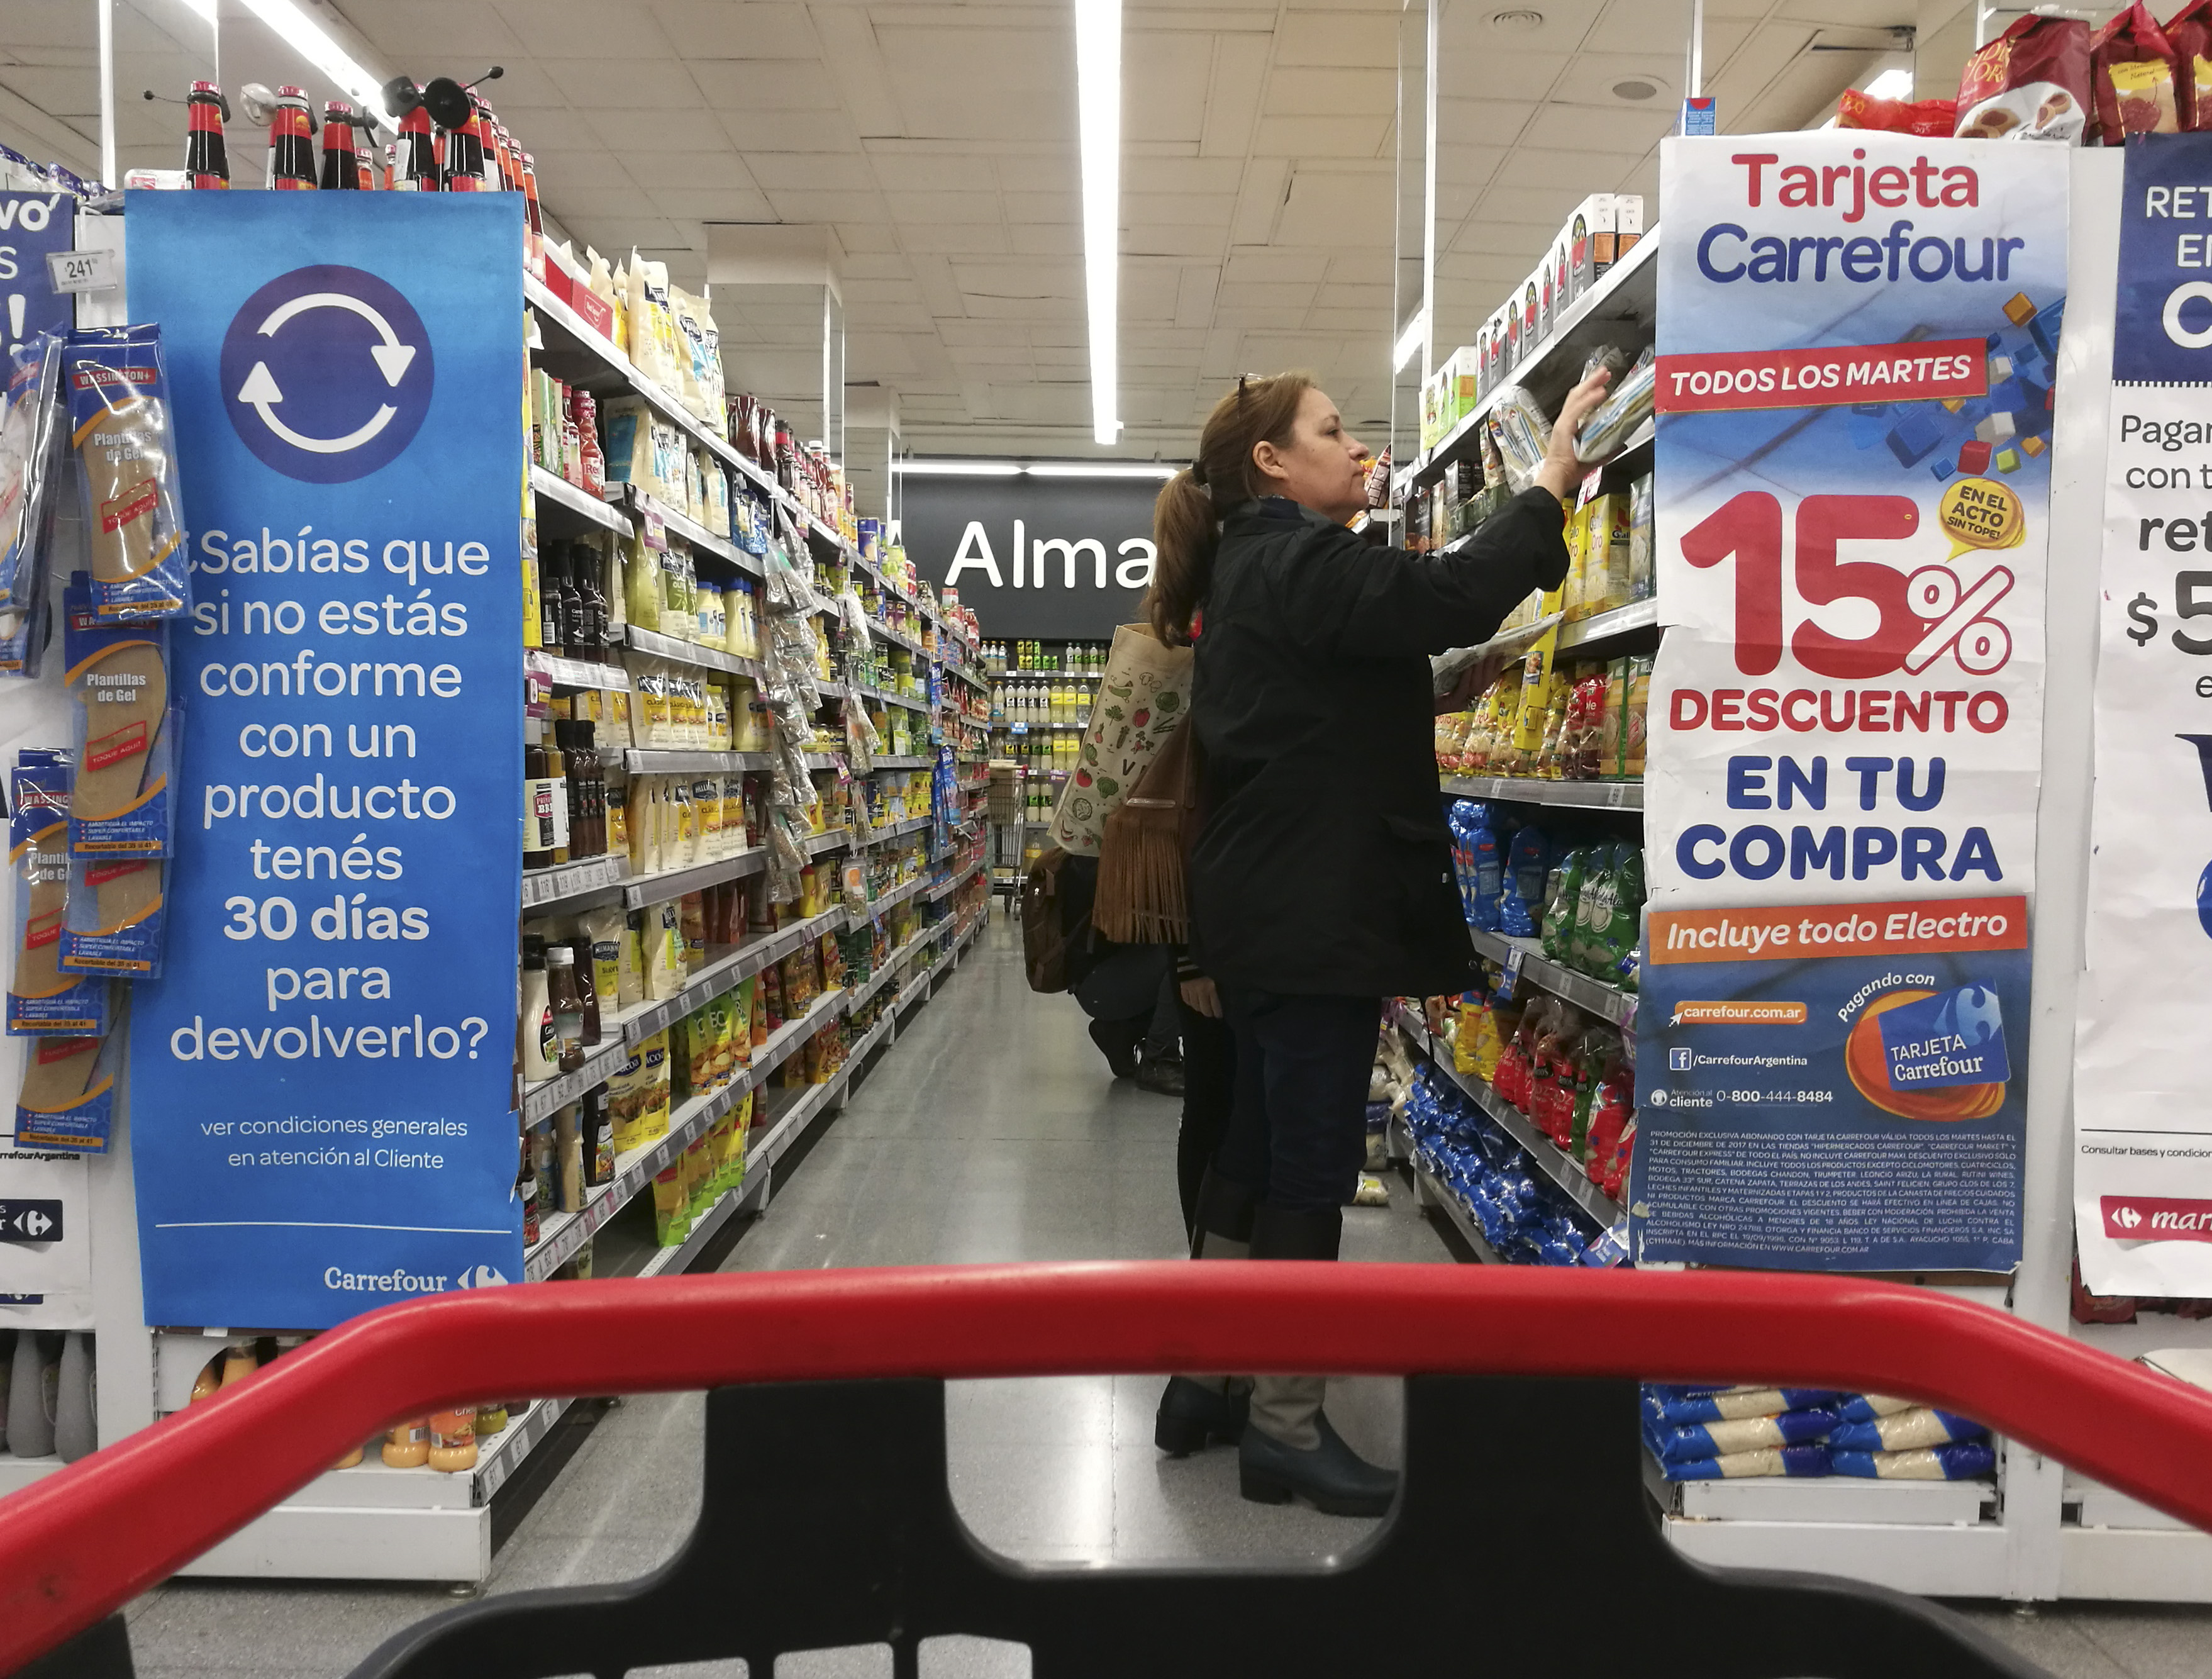 """La totalidad de los """"Precios Esenciales"""" recién estará el lunes 29 en los supermercados « Diario La Capital de Mar del Plata"""